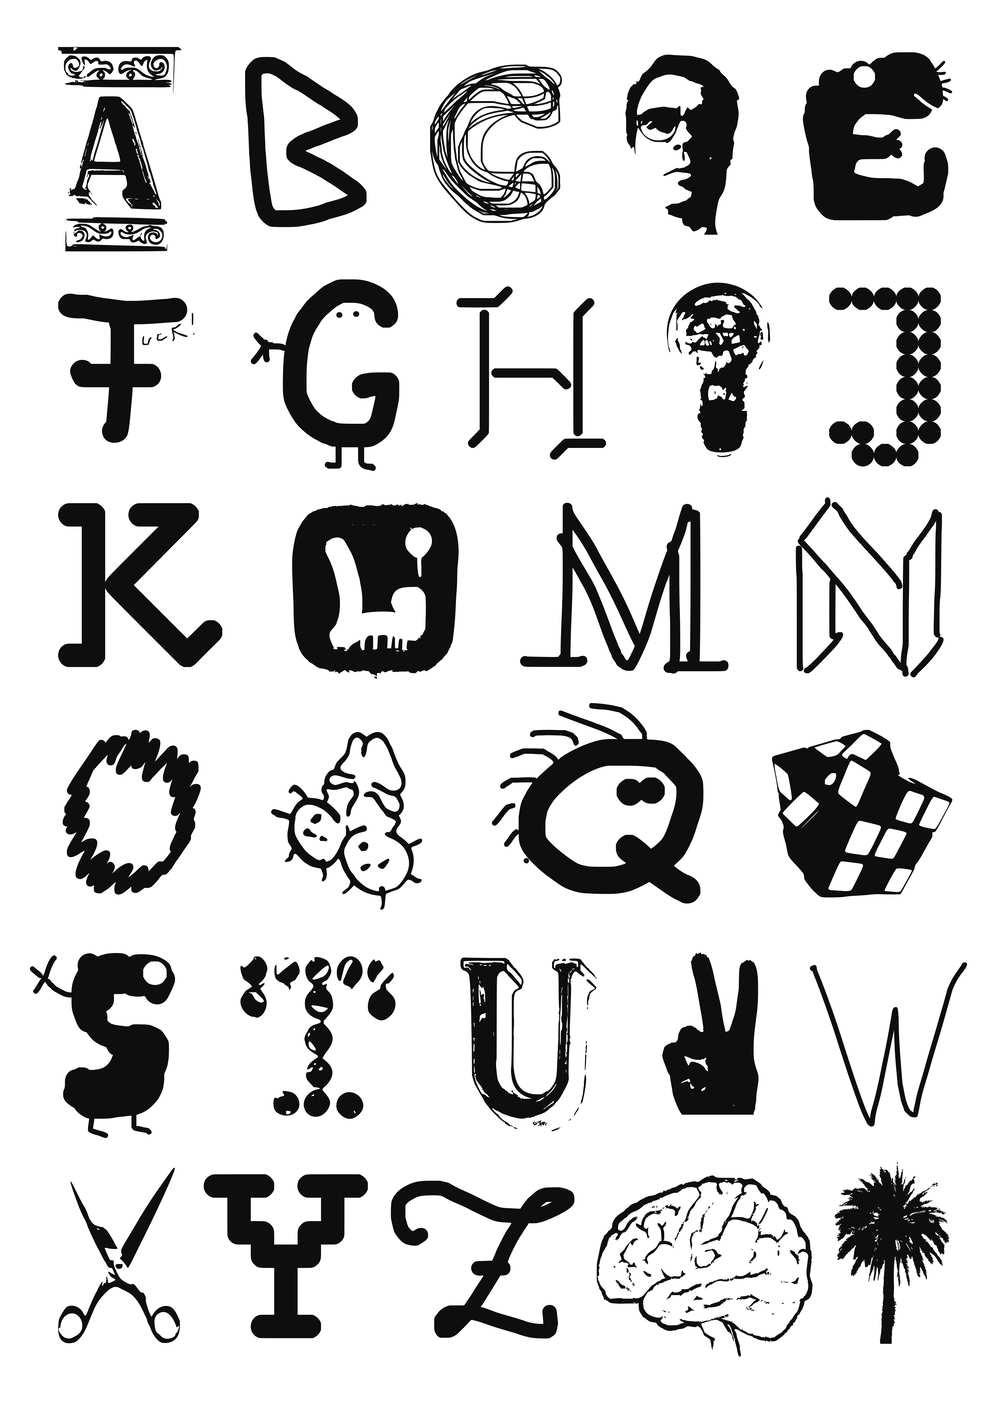 tinkafont-app-alphabet-1005x1401px